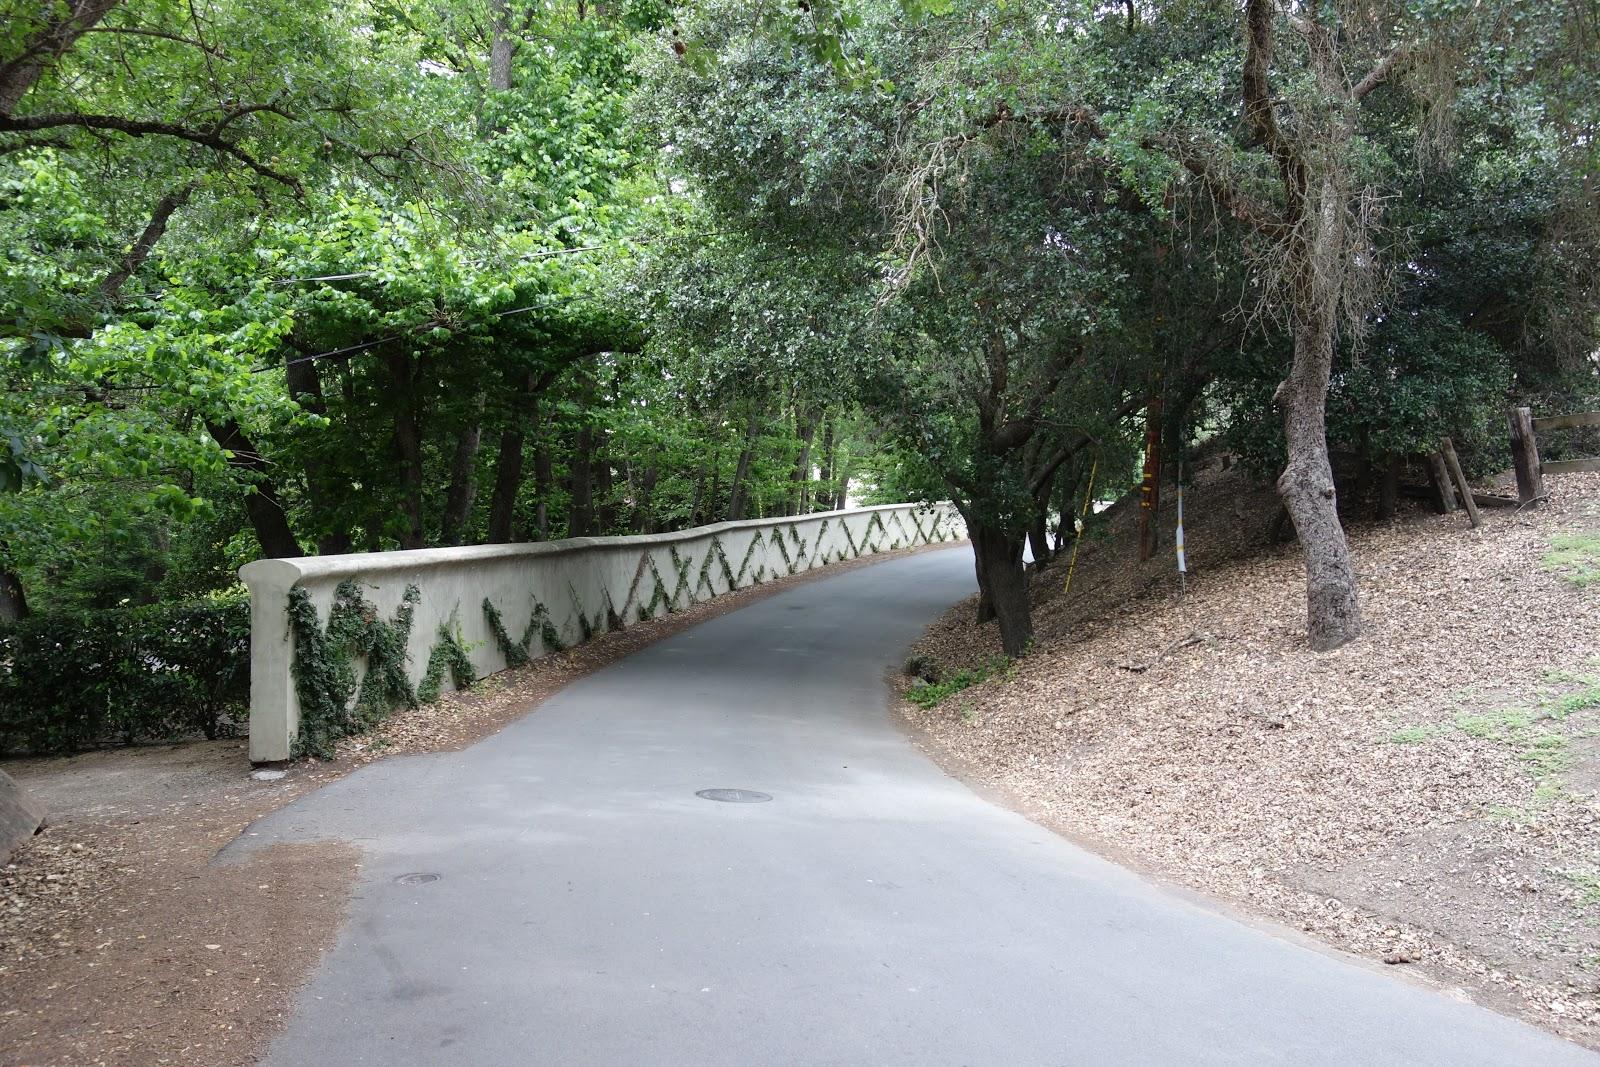 Cycling Mt. Diablo - South Gate - start of climb - bridge